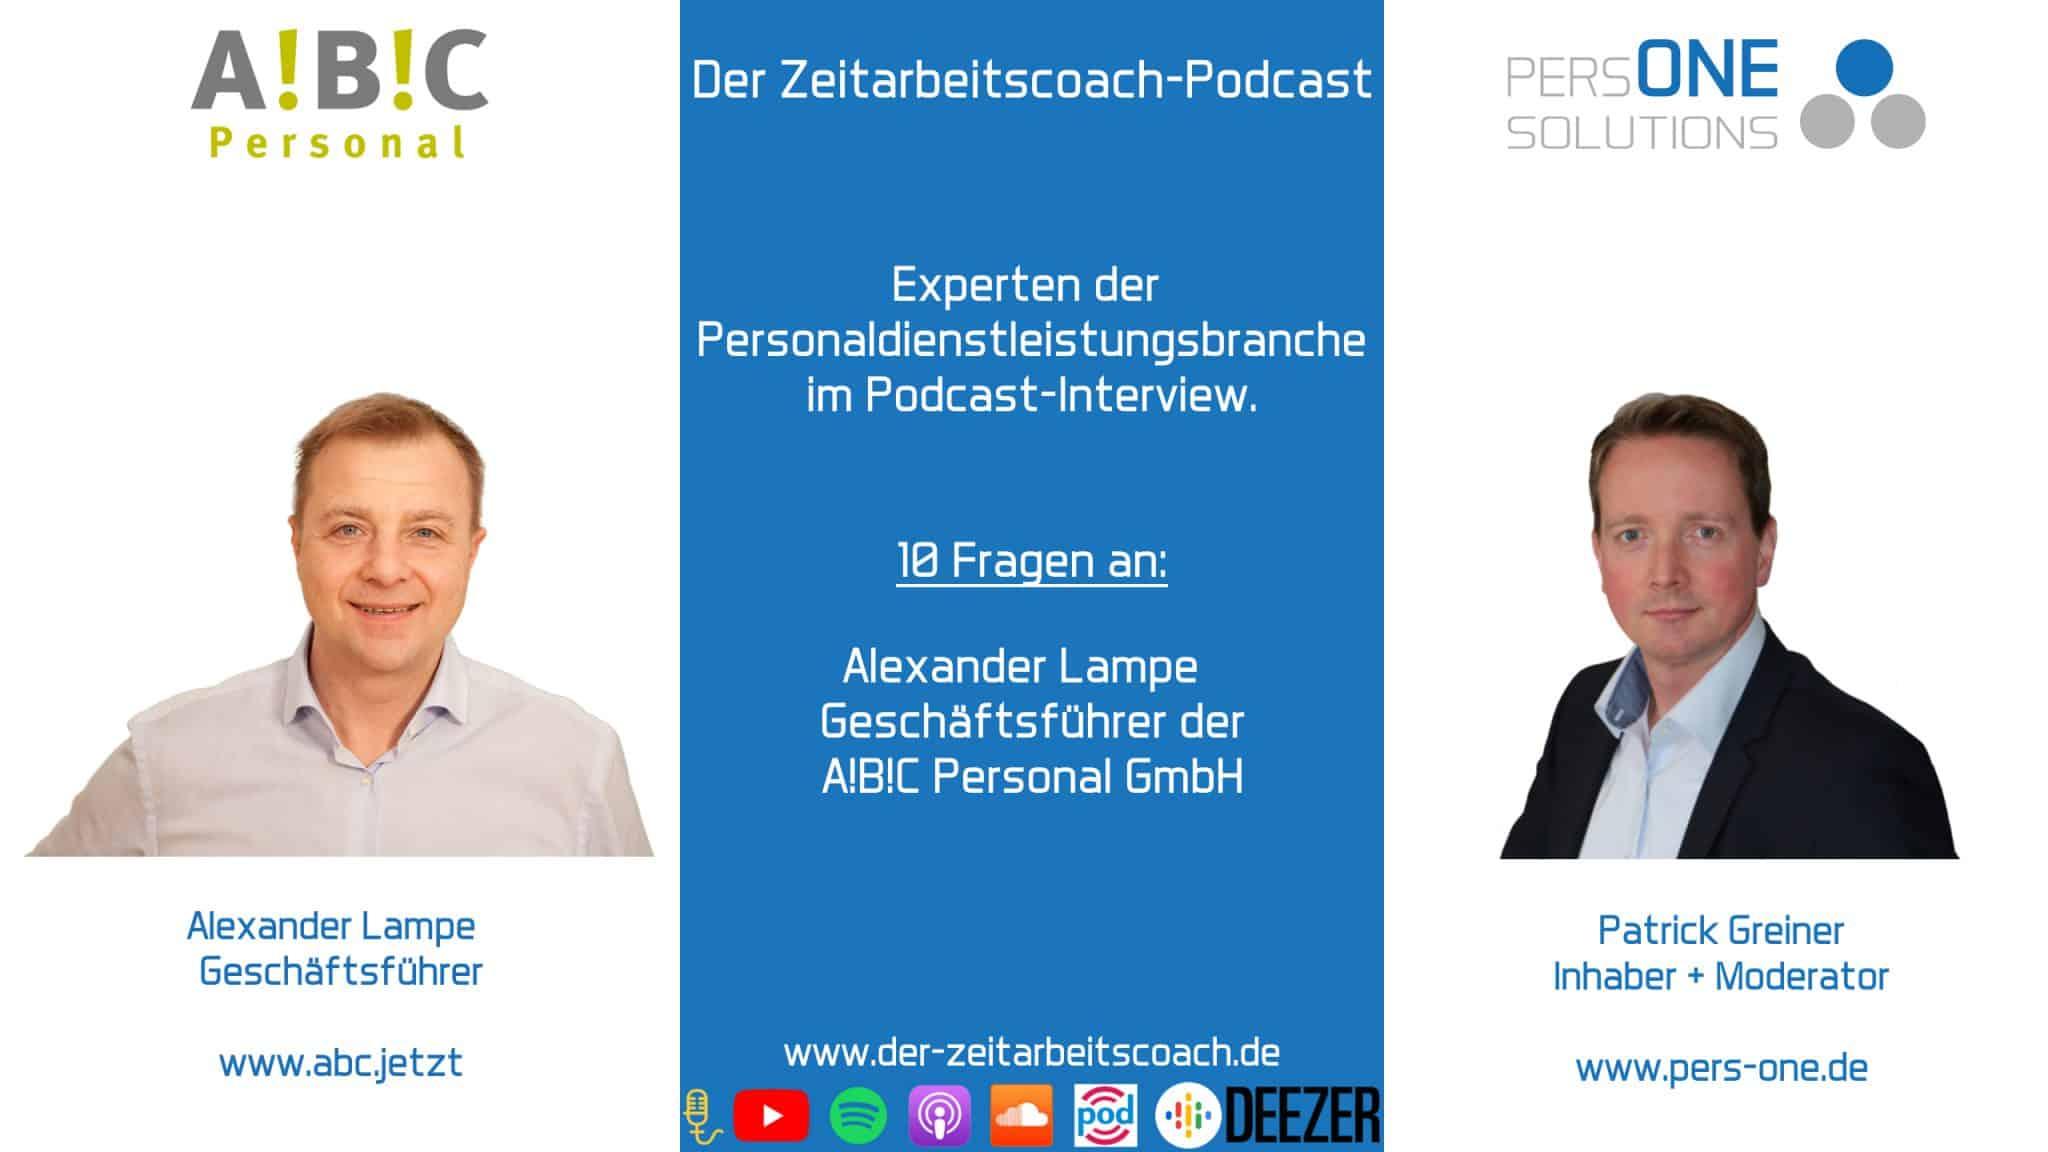 Alexander Lampe_ABC_Zeitarbeitscoach-Podcast